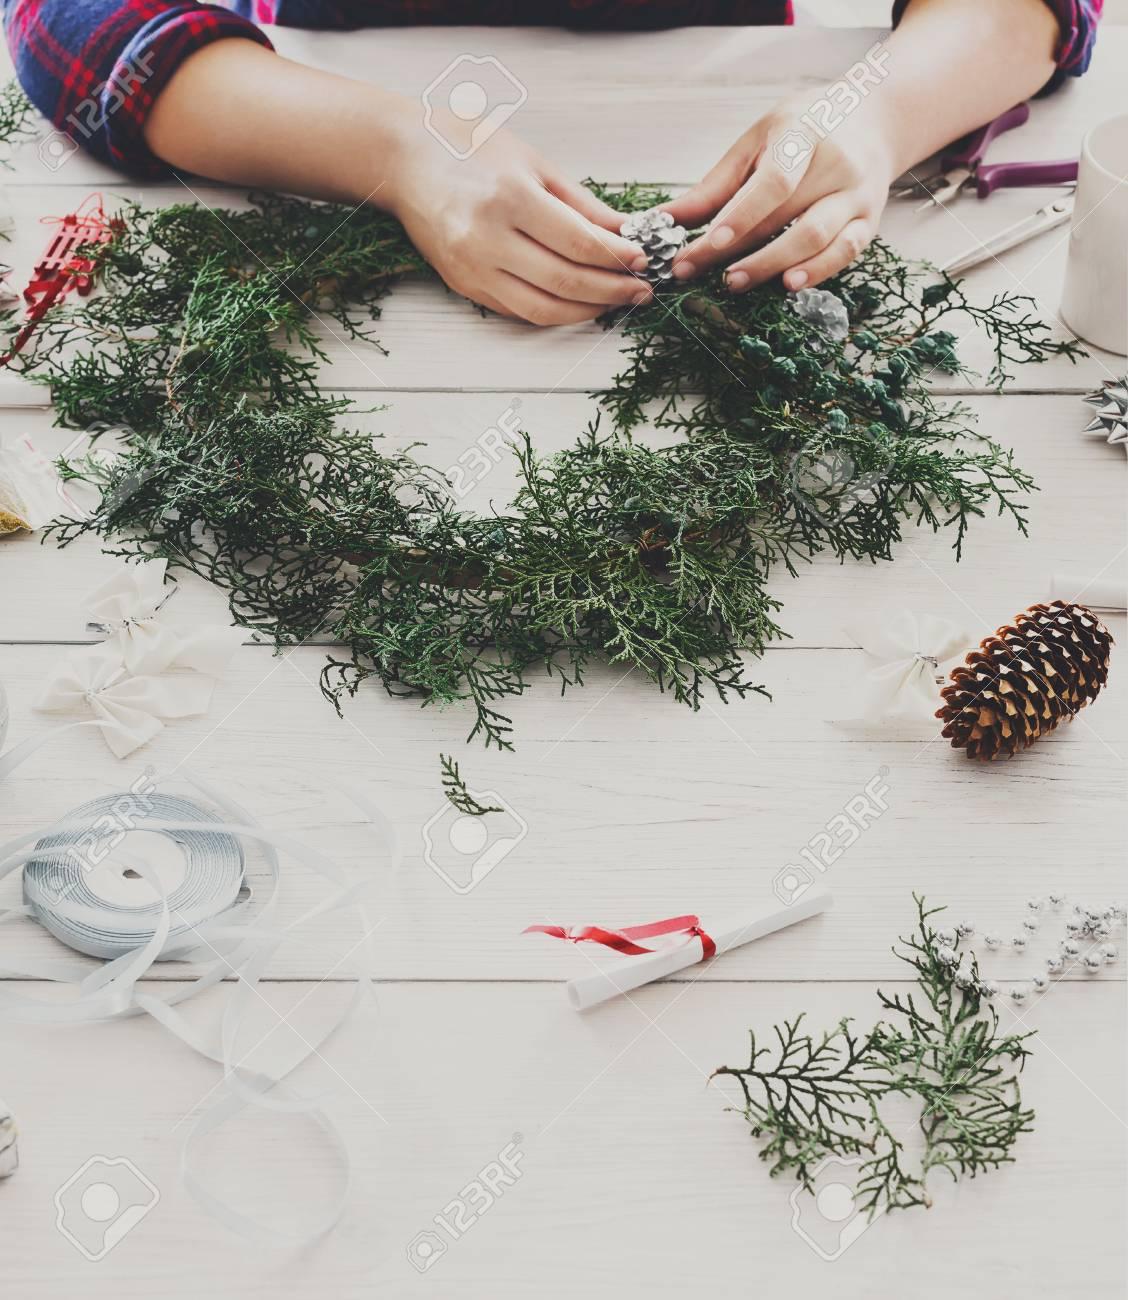 Mana Creativa Del Arte DIY Hacer Adornos De Navidad Caseras Hechas